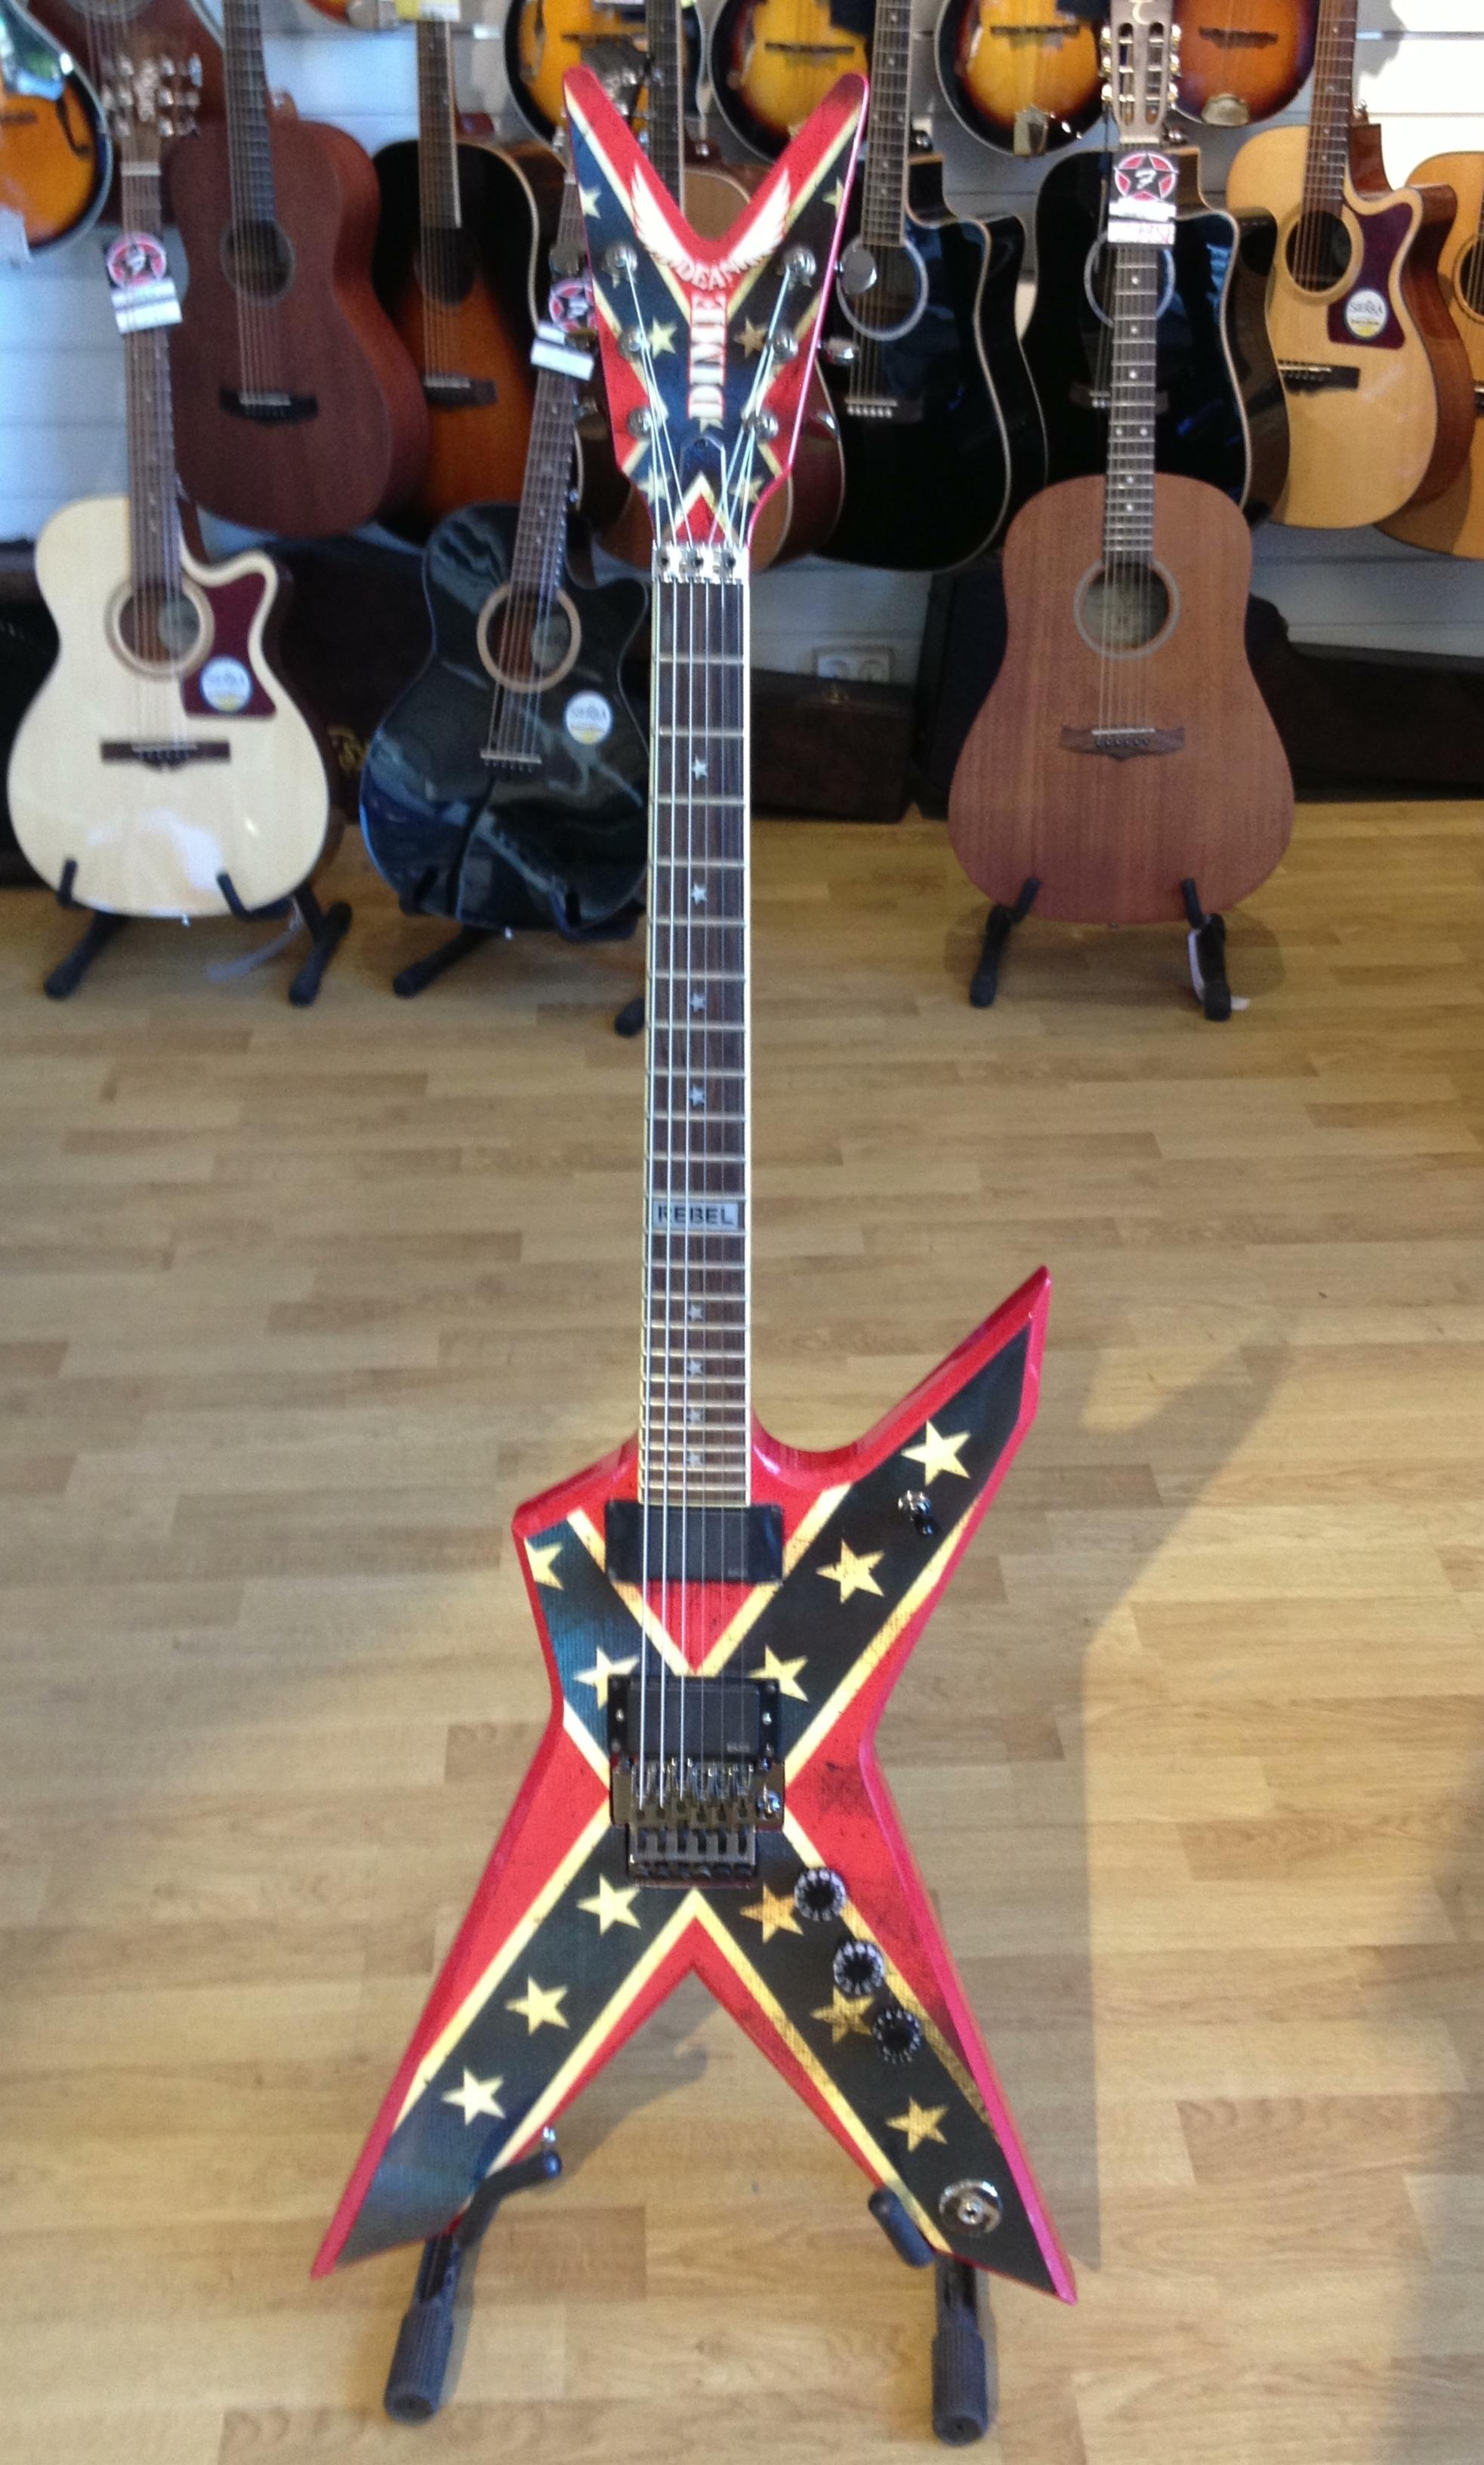 dean dixie rebel 2010 39 s rebel guitar for sale freddans musik. Black Bedroom Furniture Sets. Home Design Ideas